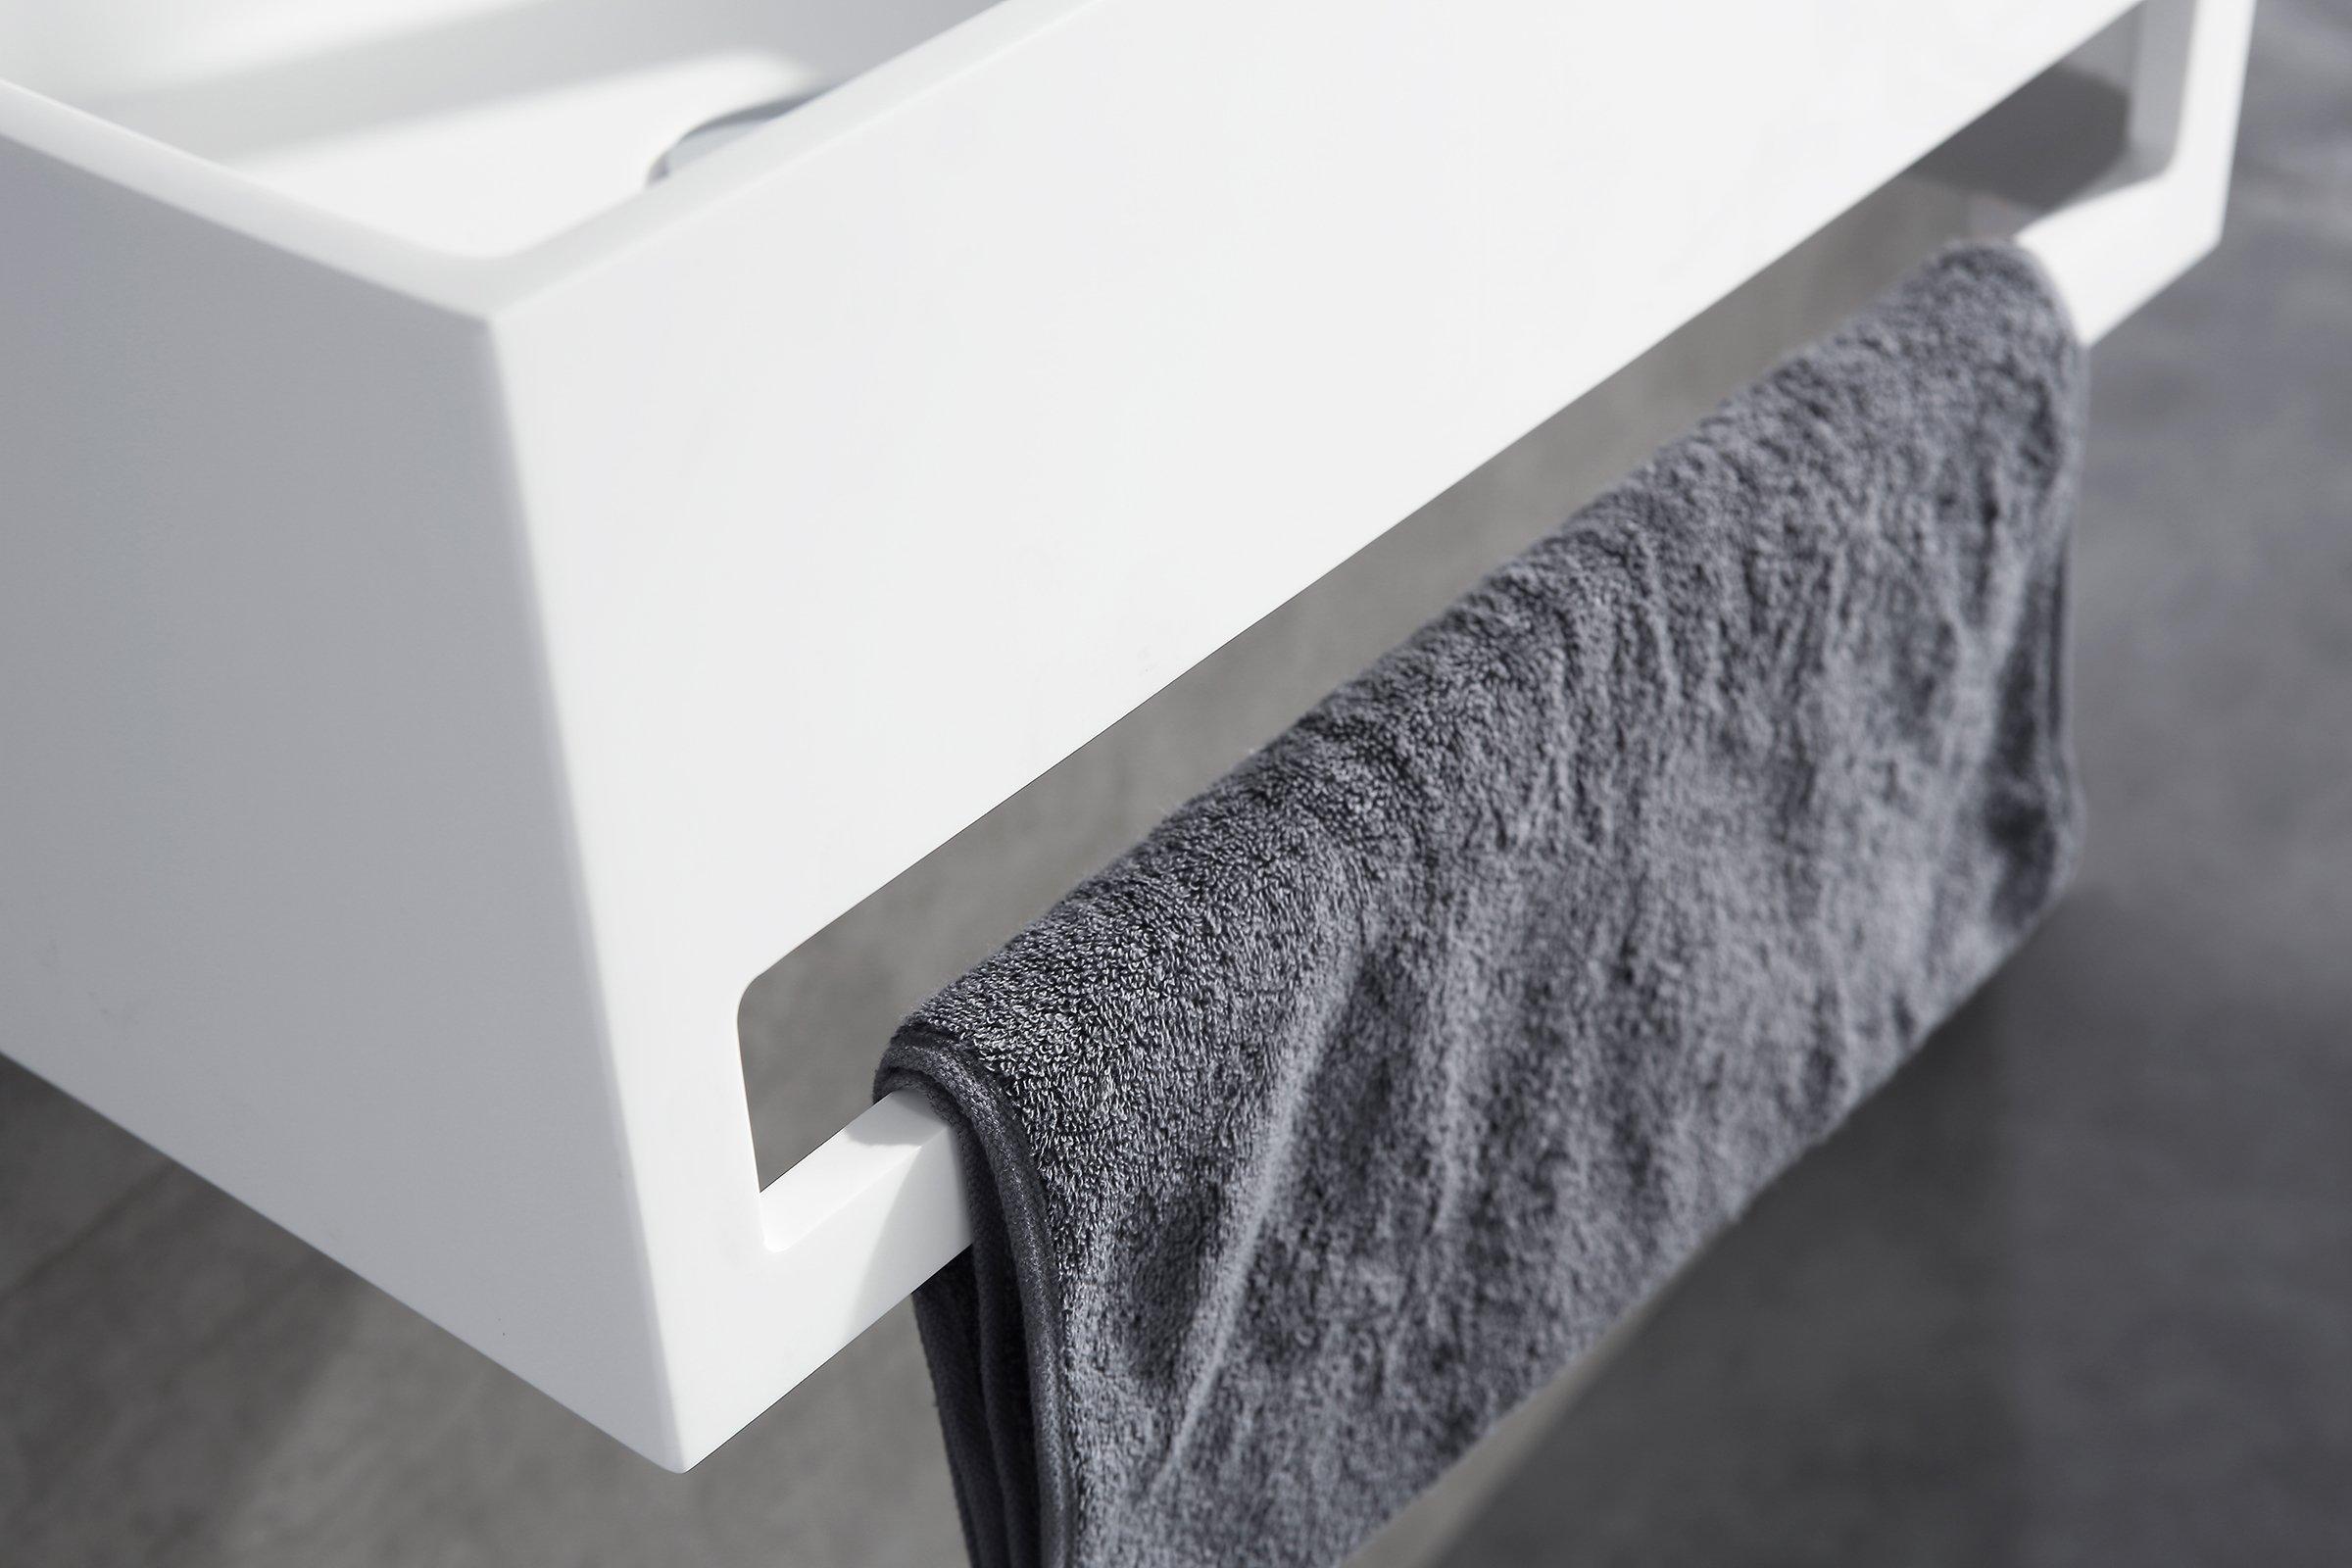 Wandwaschbecken PB2077 aus Mineralguss Solid Stone mit integriertem Handtuchhalter - 50 x 30 x 20 cm - Weiß Matt zoom thumbnail 3